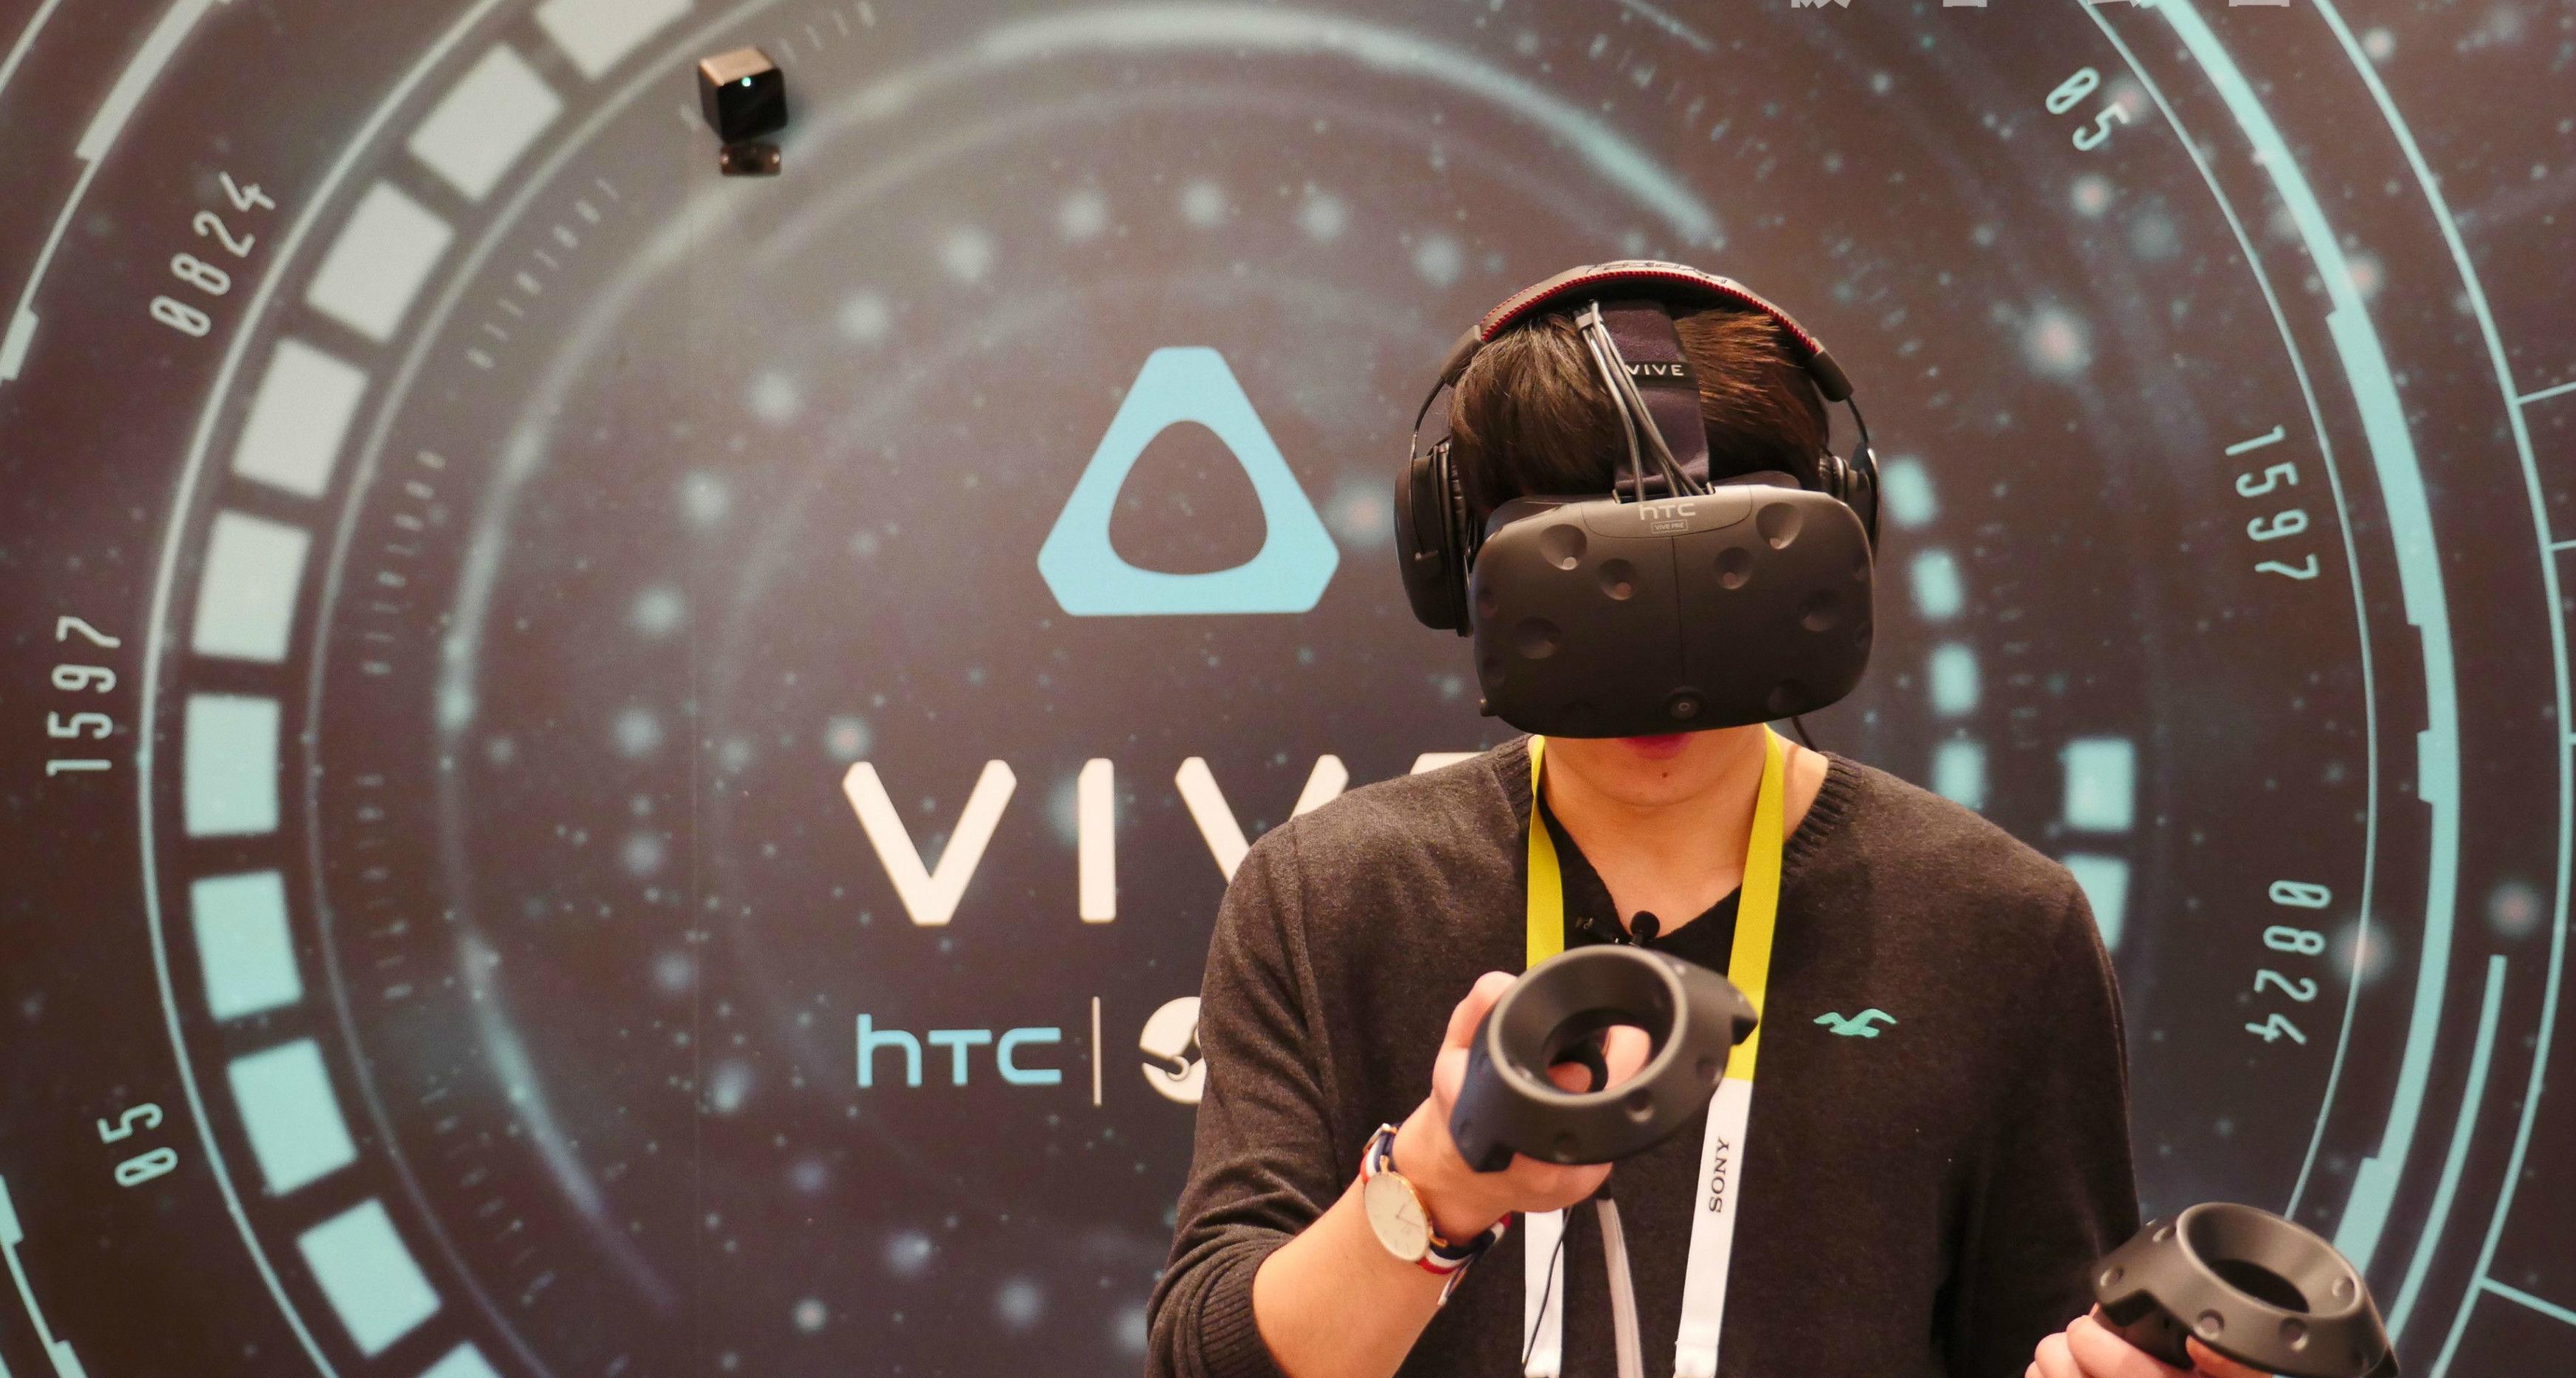 国内首发 | 有摄像头的新 HTC VIVE 让你不用再担心撞墙了